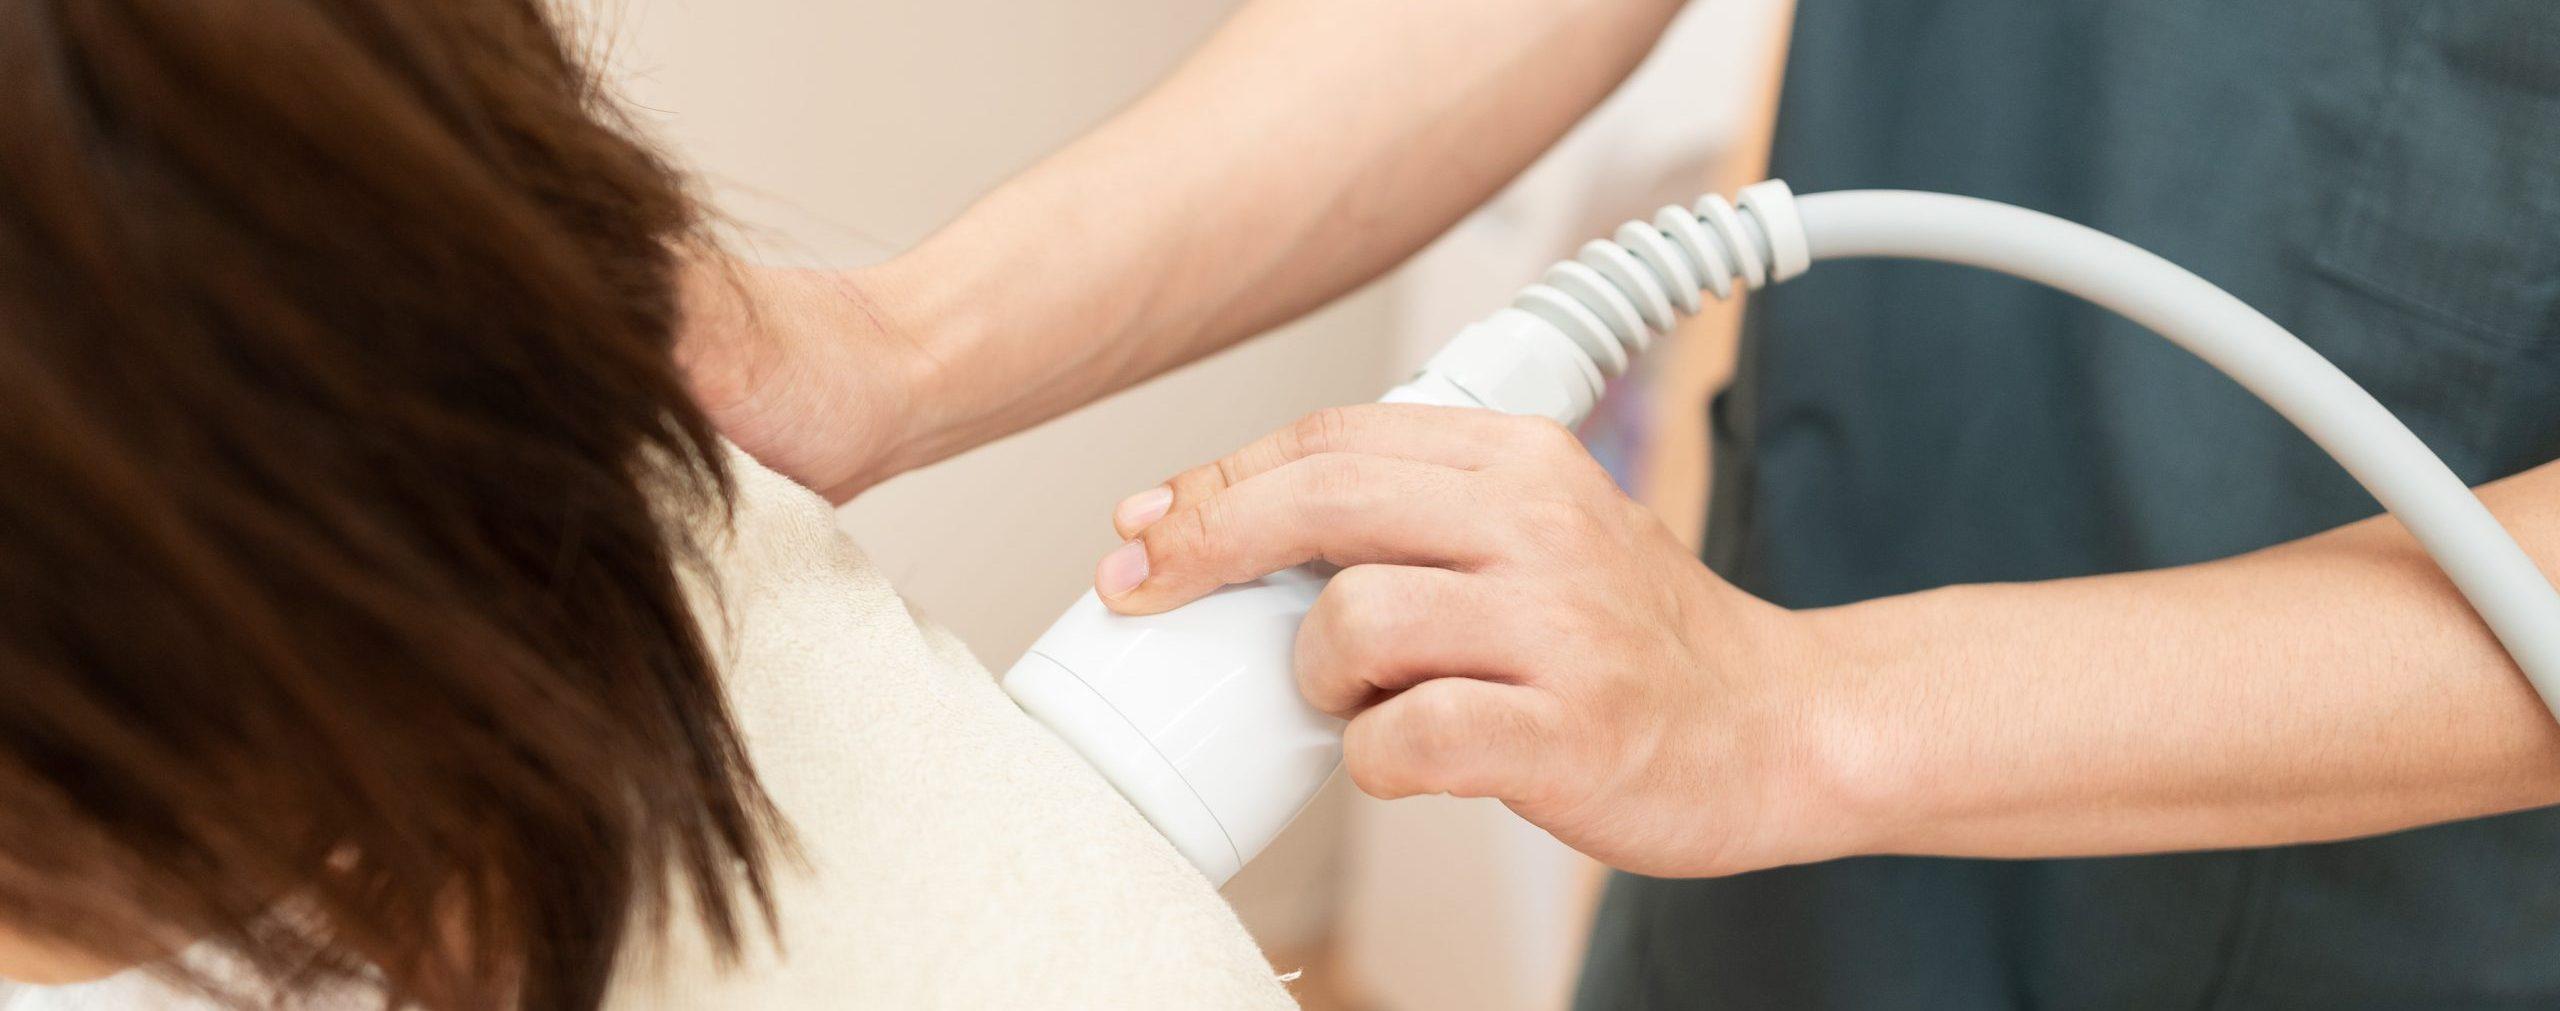 超短波治療|郡山で温熱療法は生田接骨院